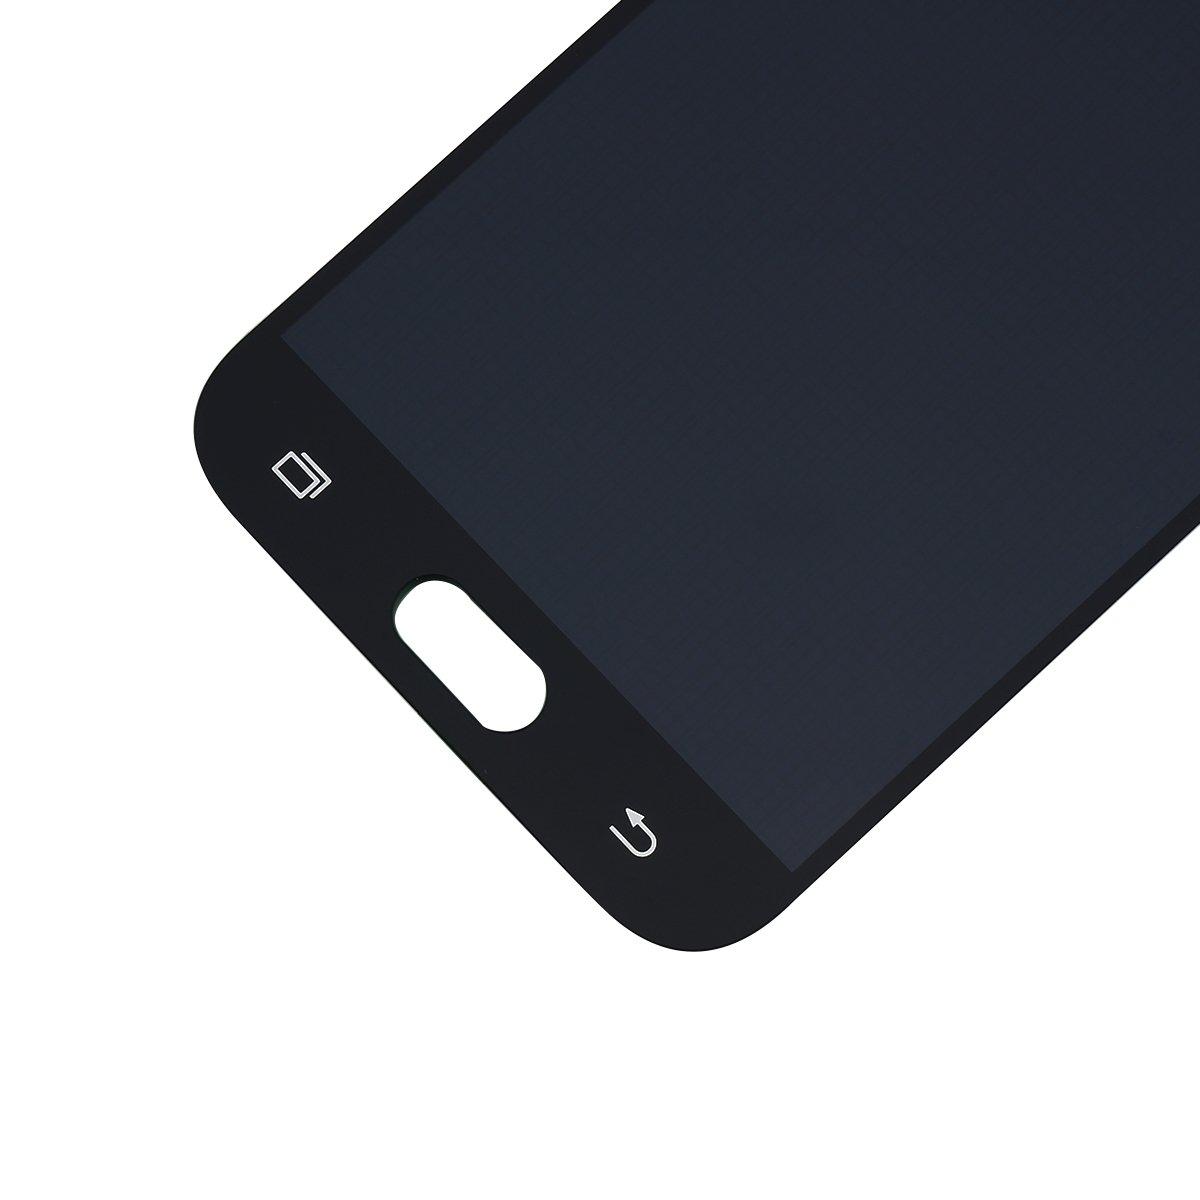 YHX-OU Reparaci/ón y reemplazo para Samsung Galaxy J5 Negro Digitizador de Pantalla t/áctil Un Conjunto de Herramientas 2017 J530 SM-J530F LCD Display